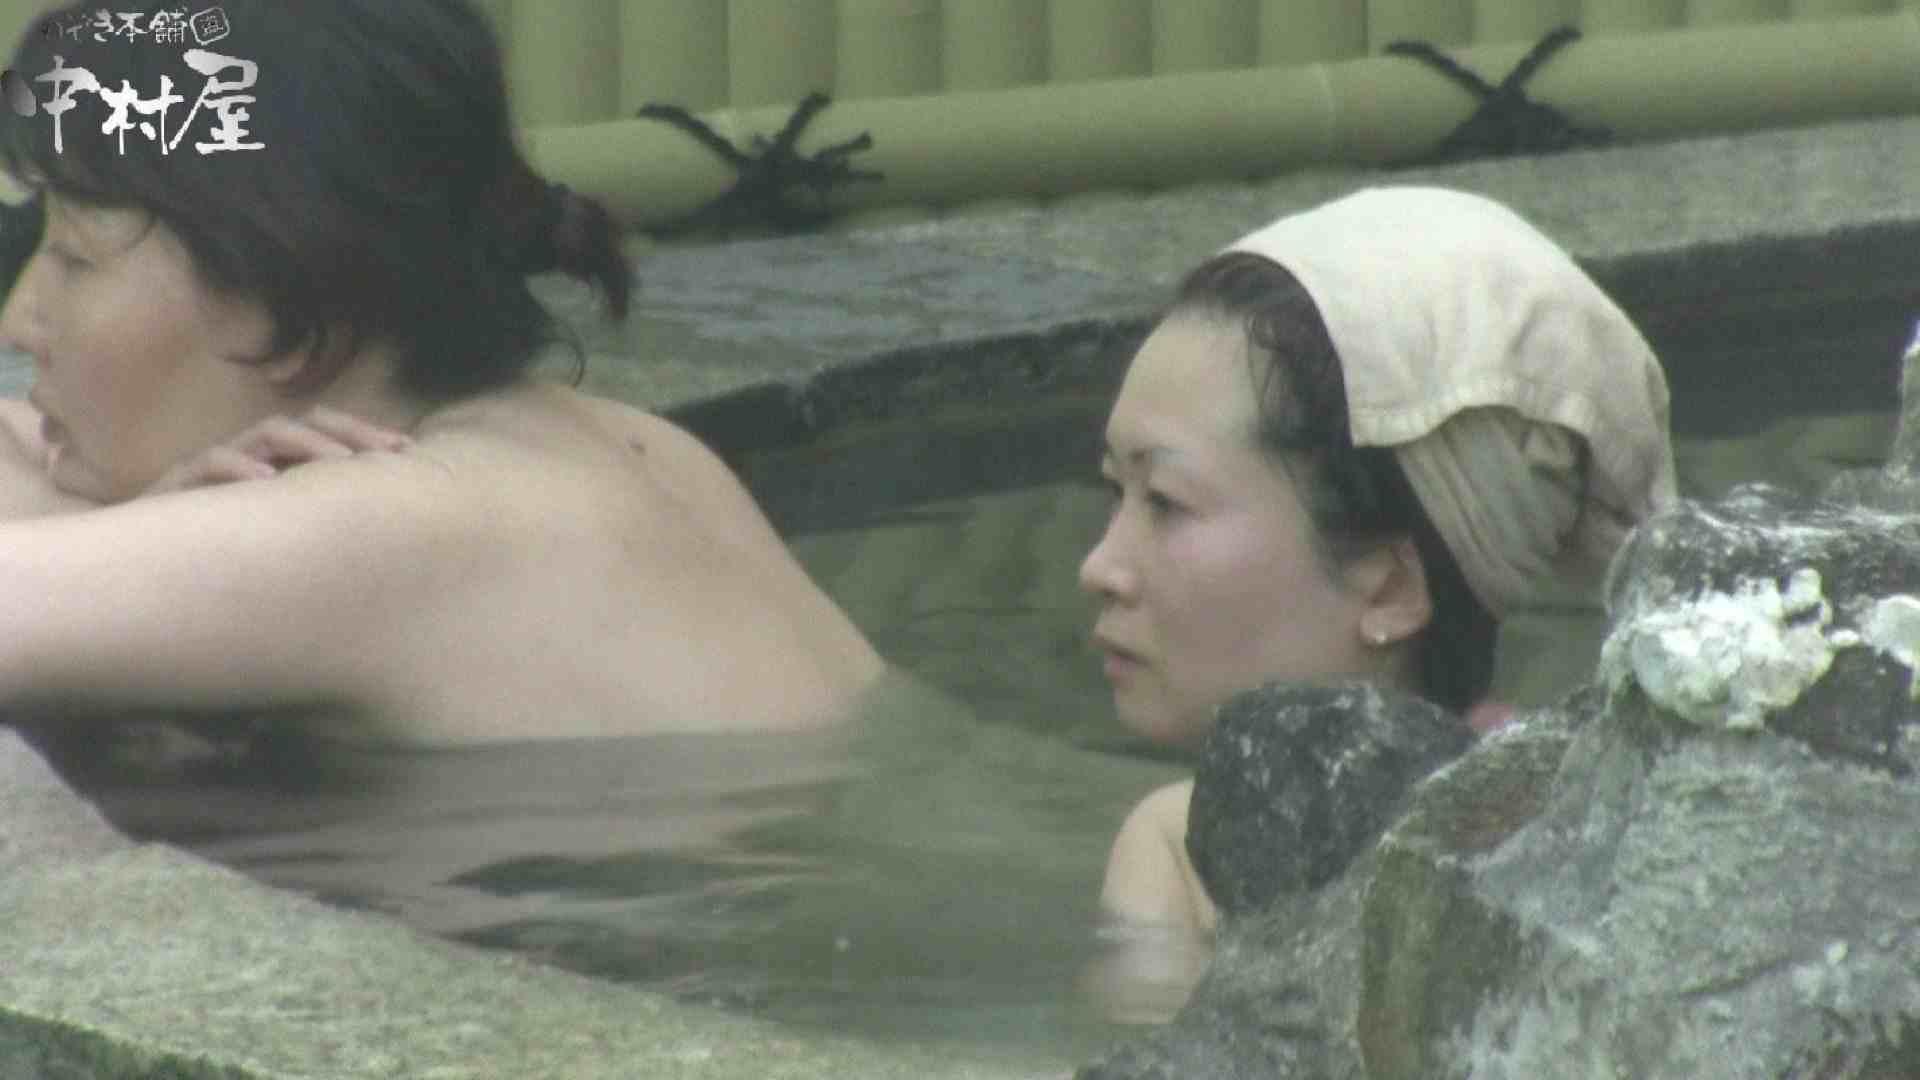 Aquaな露天風呂Vol.906 盗撮 オメコ動画キャプチャ 29PICs 23